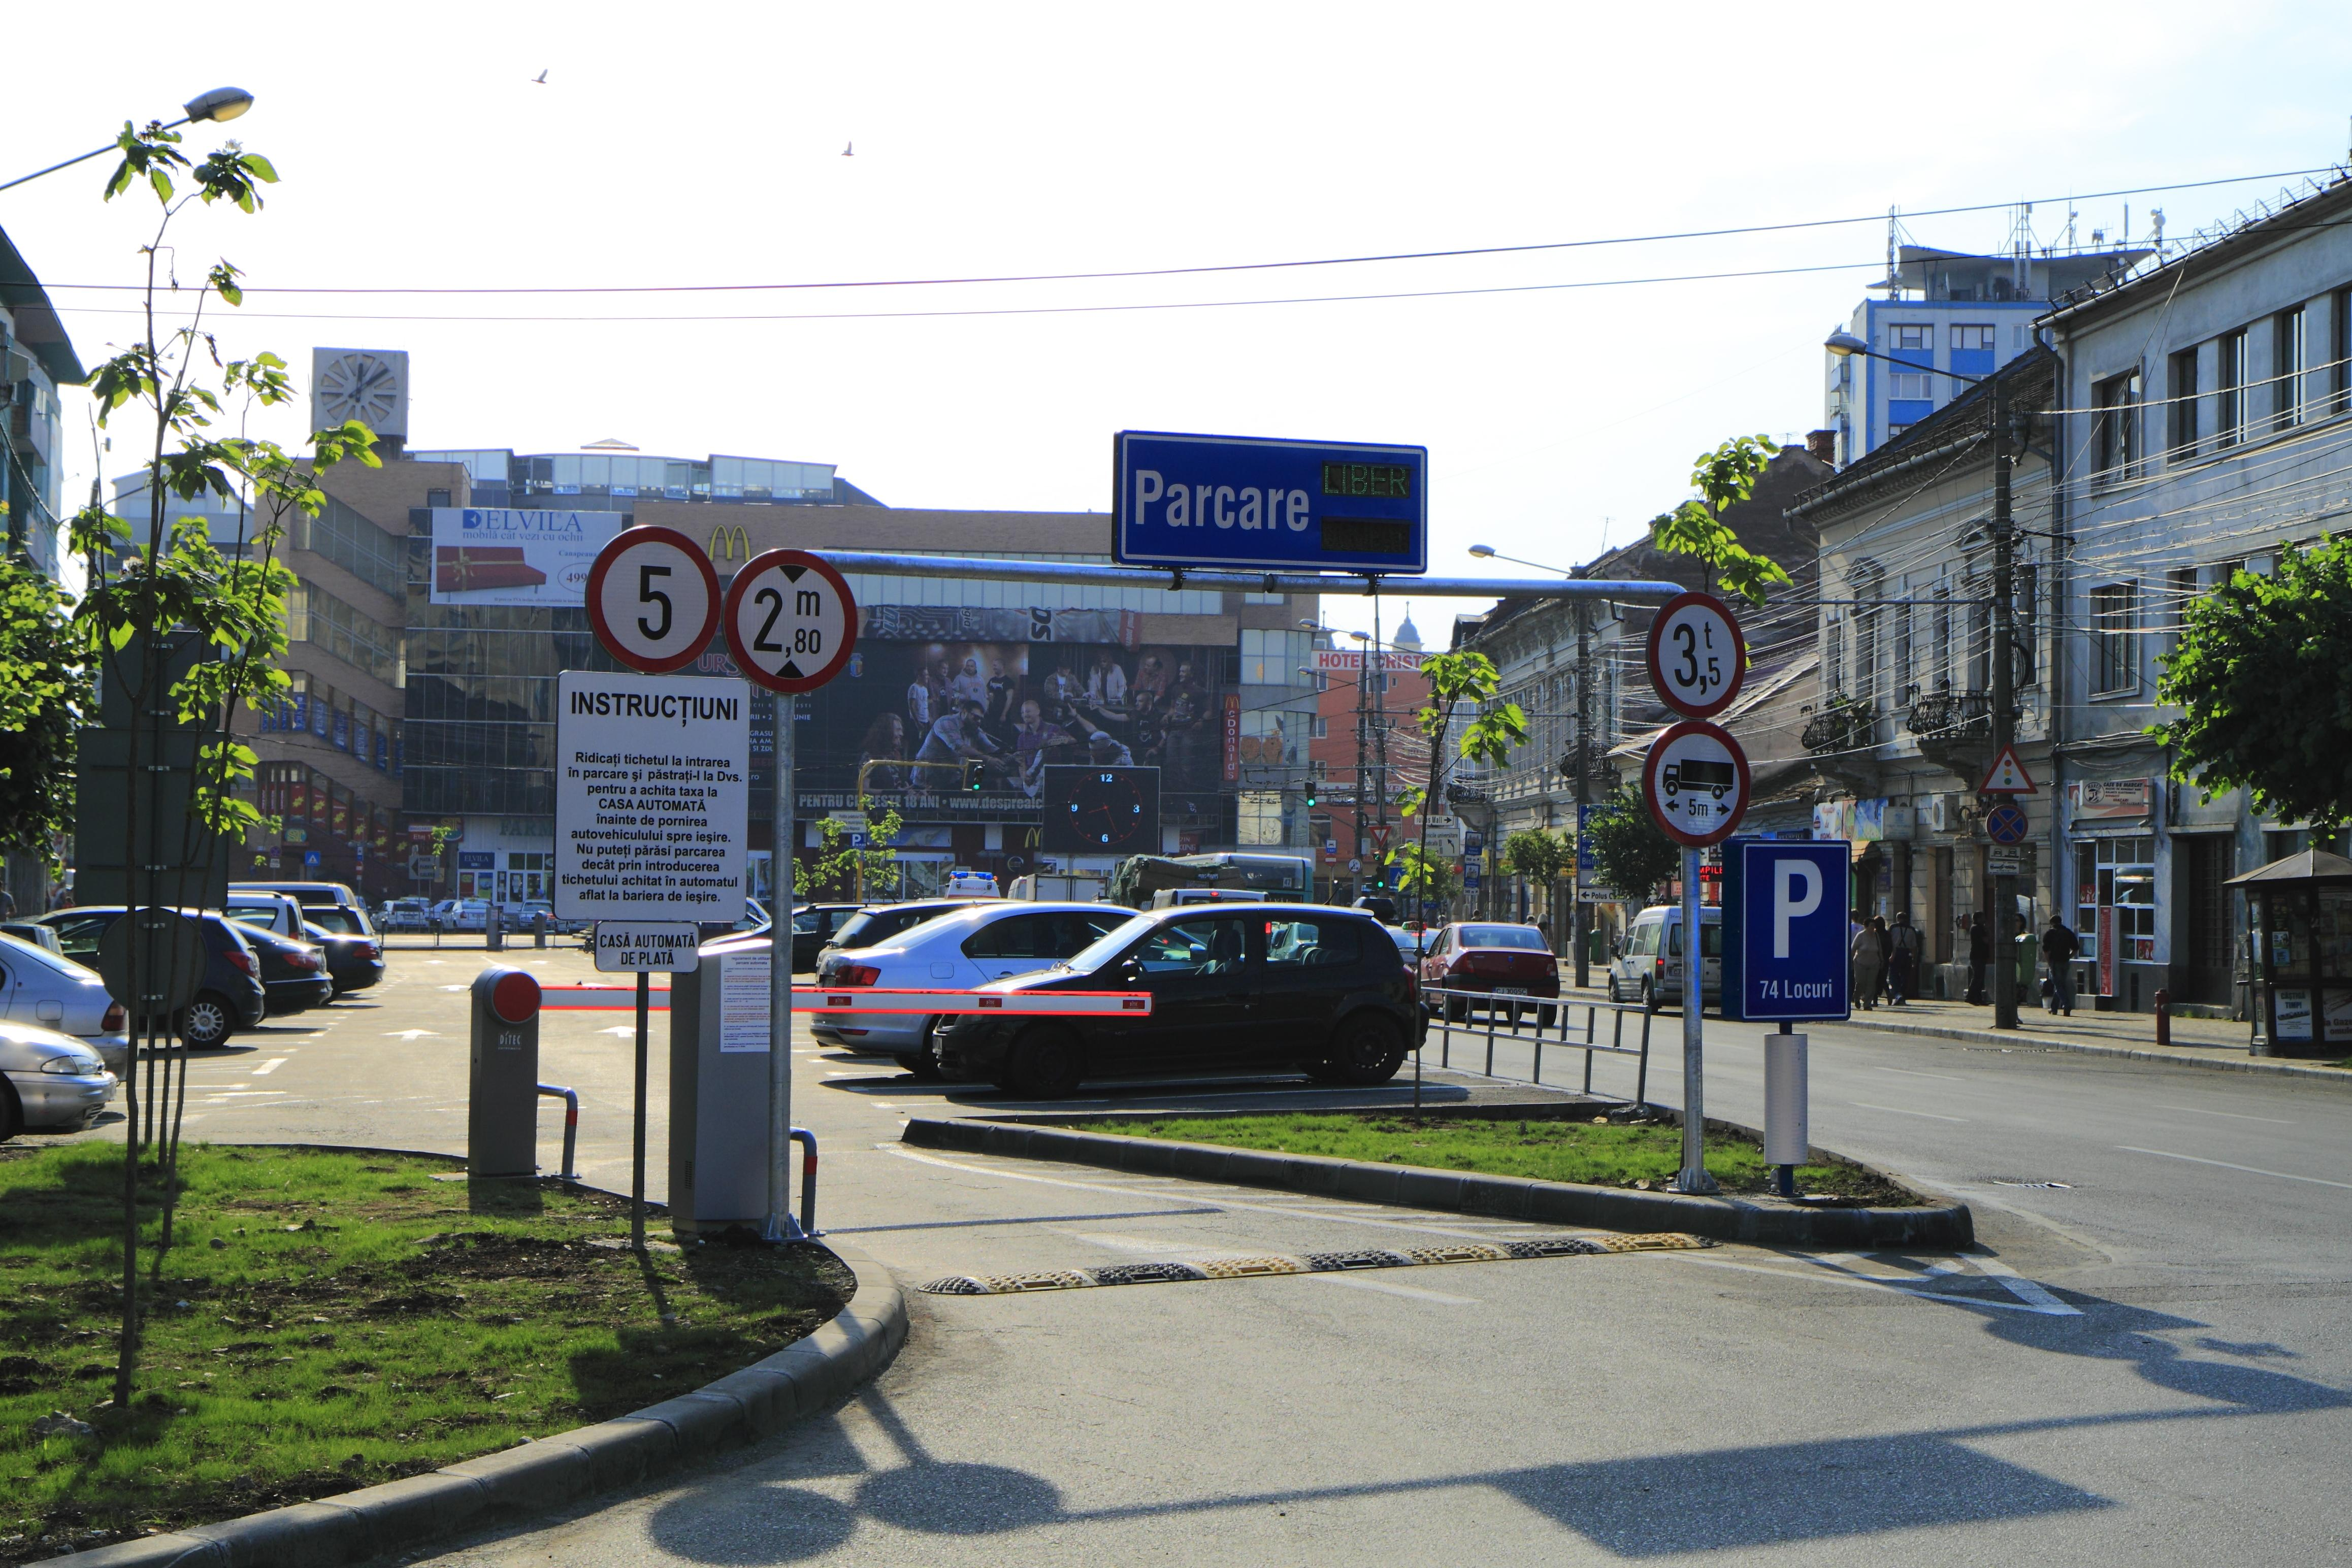 Cluj: La dezbaterea legată de dublarea prețului parcărilor, clujenii au cerut tarife mai mari